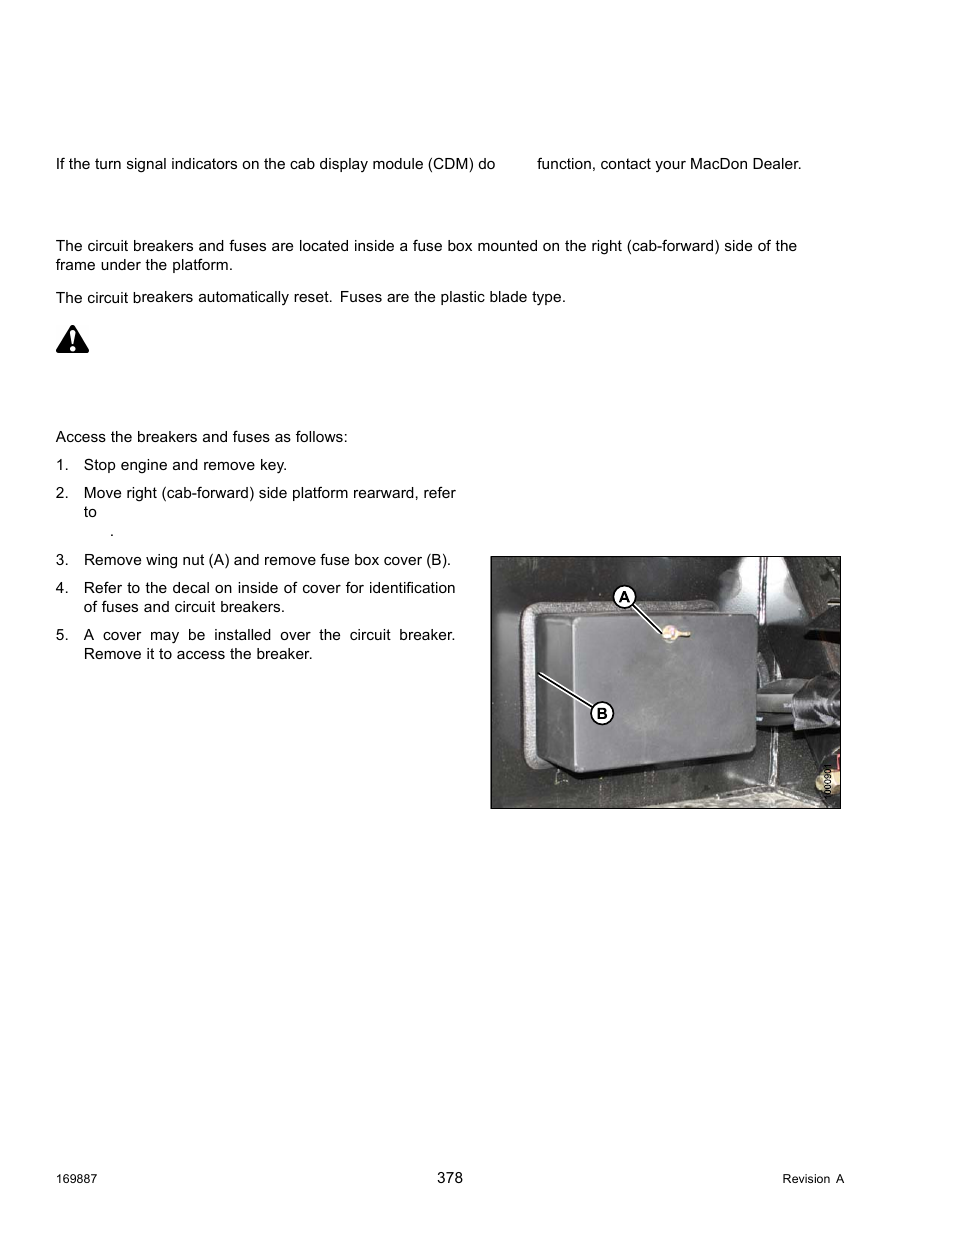 Turn signal indicators, Accessing circuit breakers and fuses, Danger |  MacDon M205 Operators Manual User Manual | Page 394 / 482  Manuals Directory